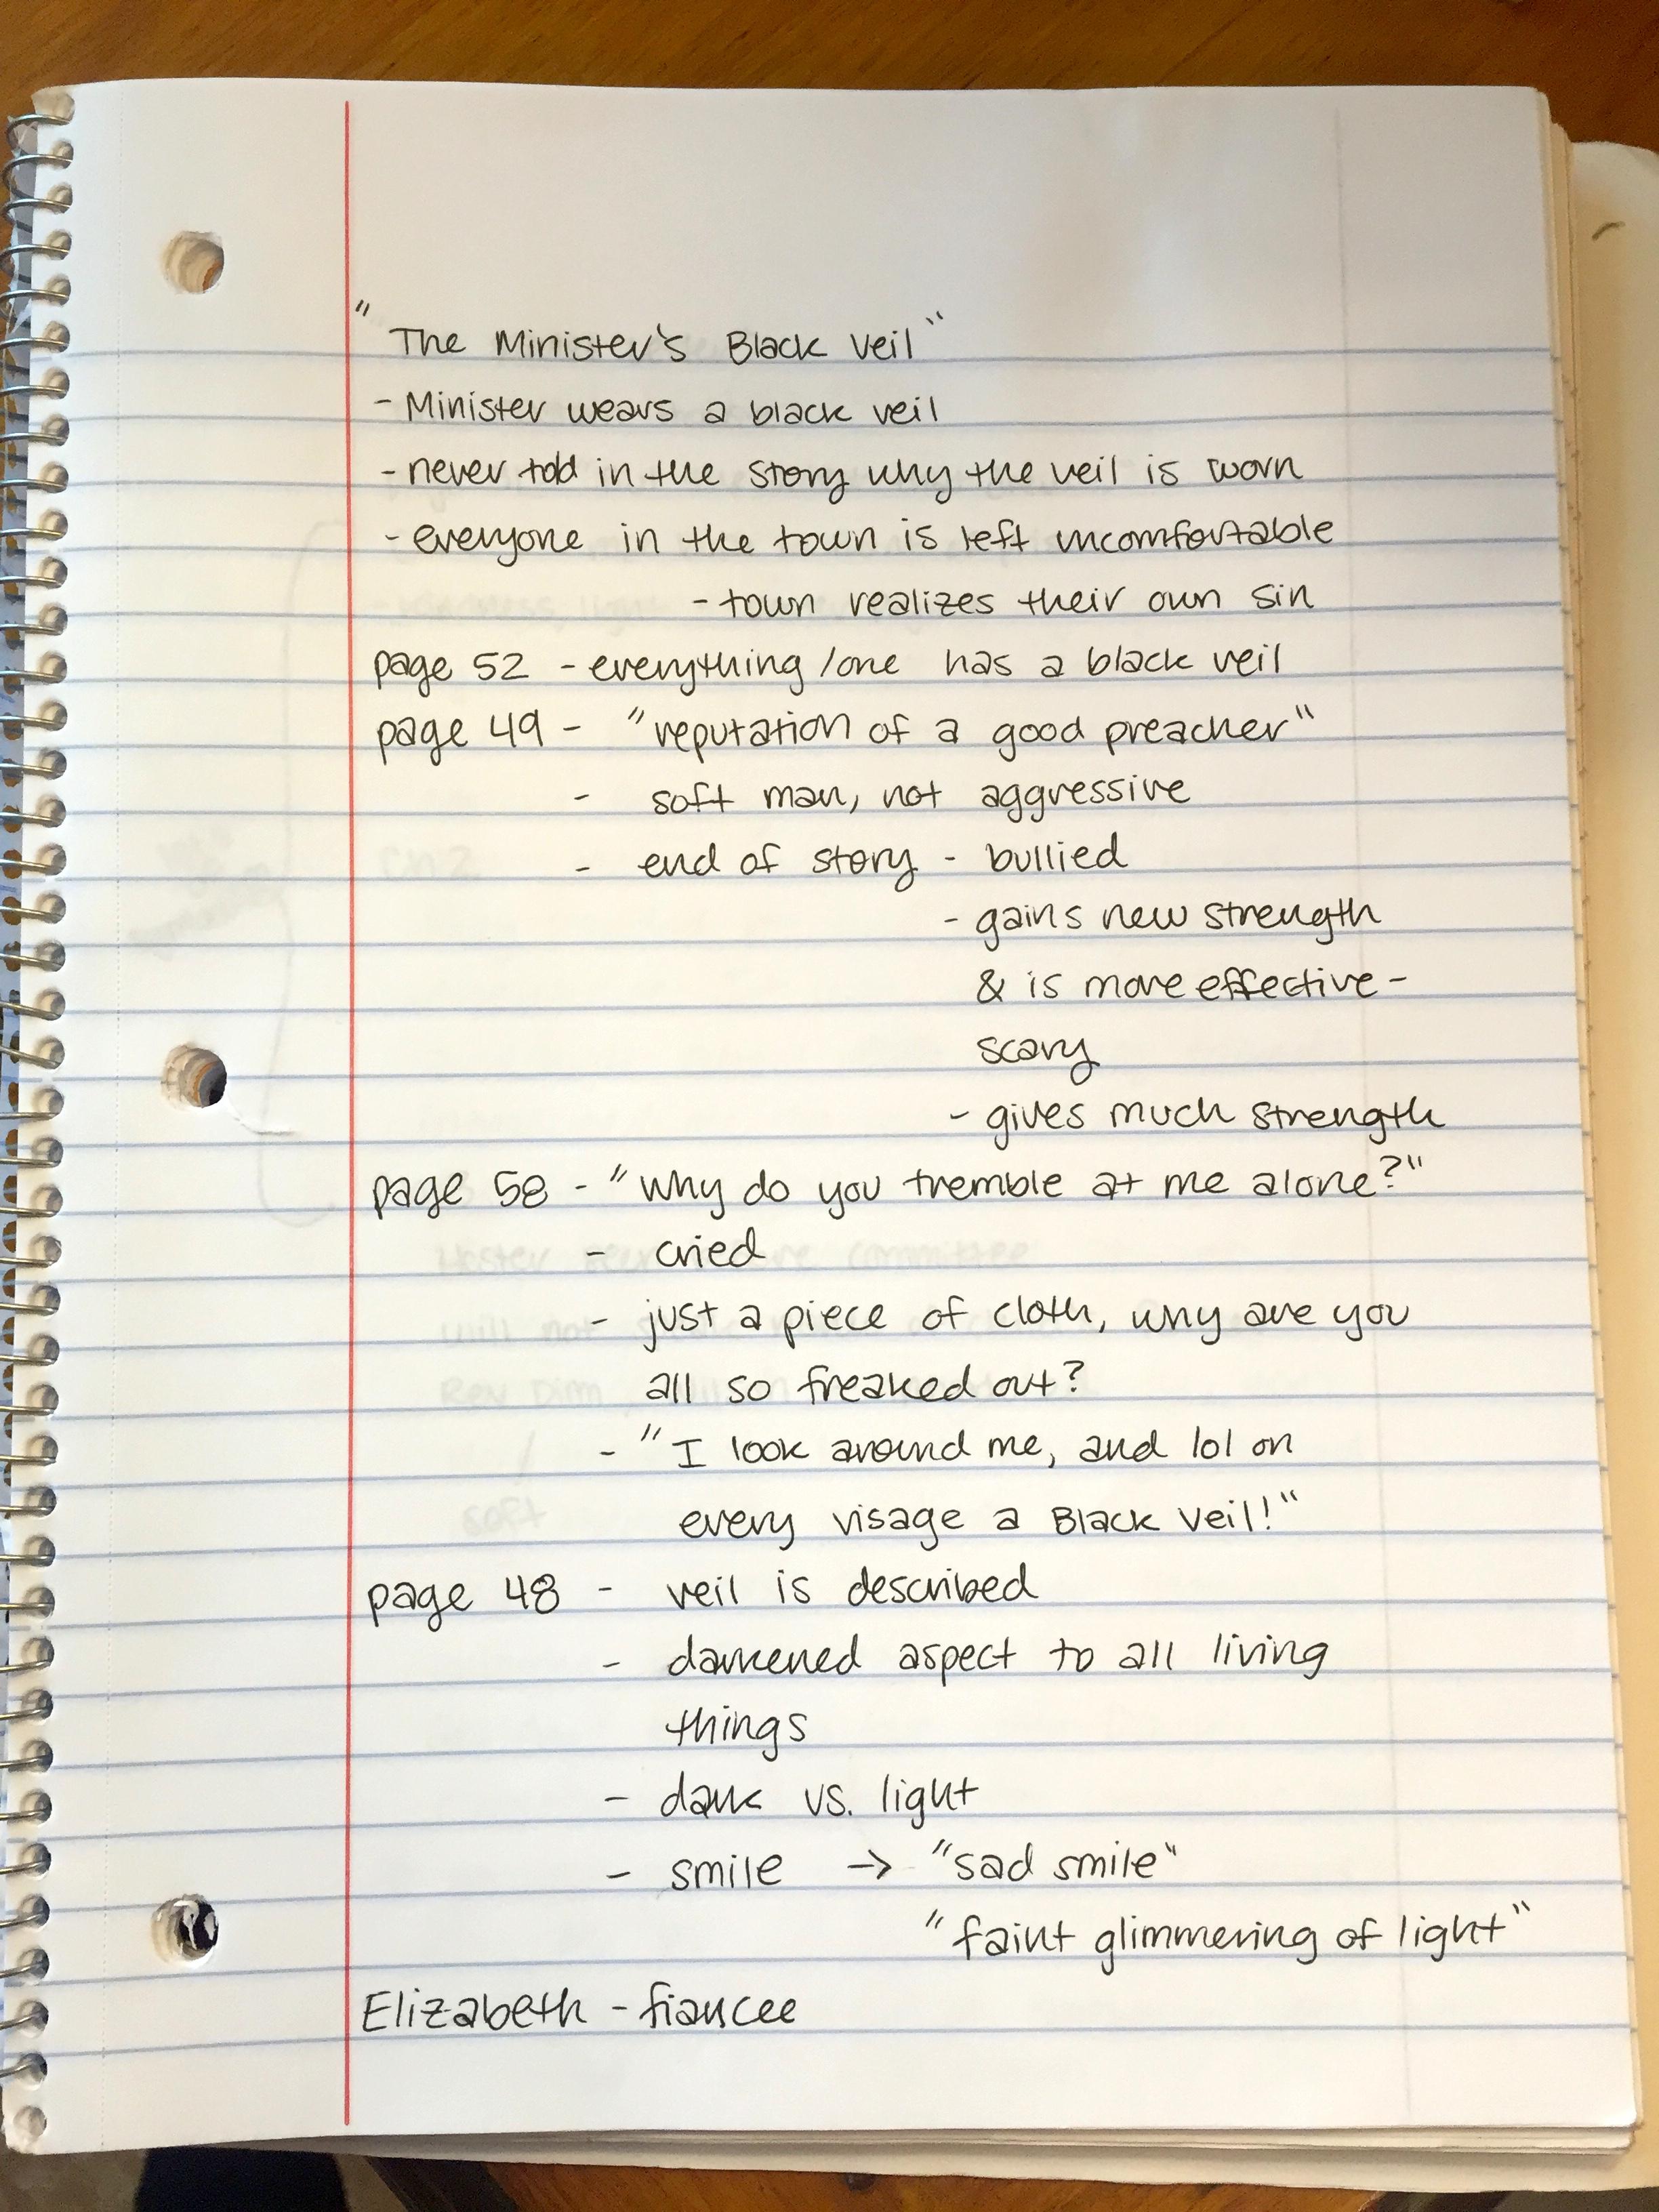 essay on my diary